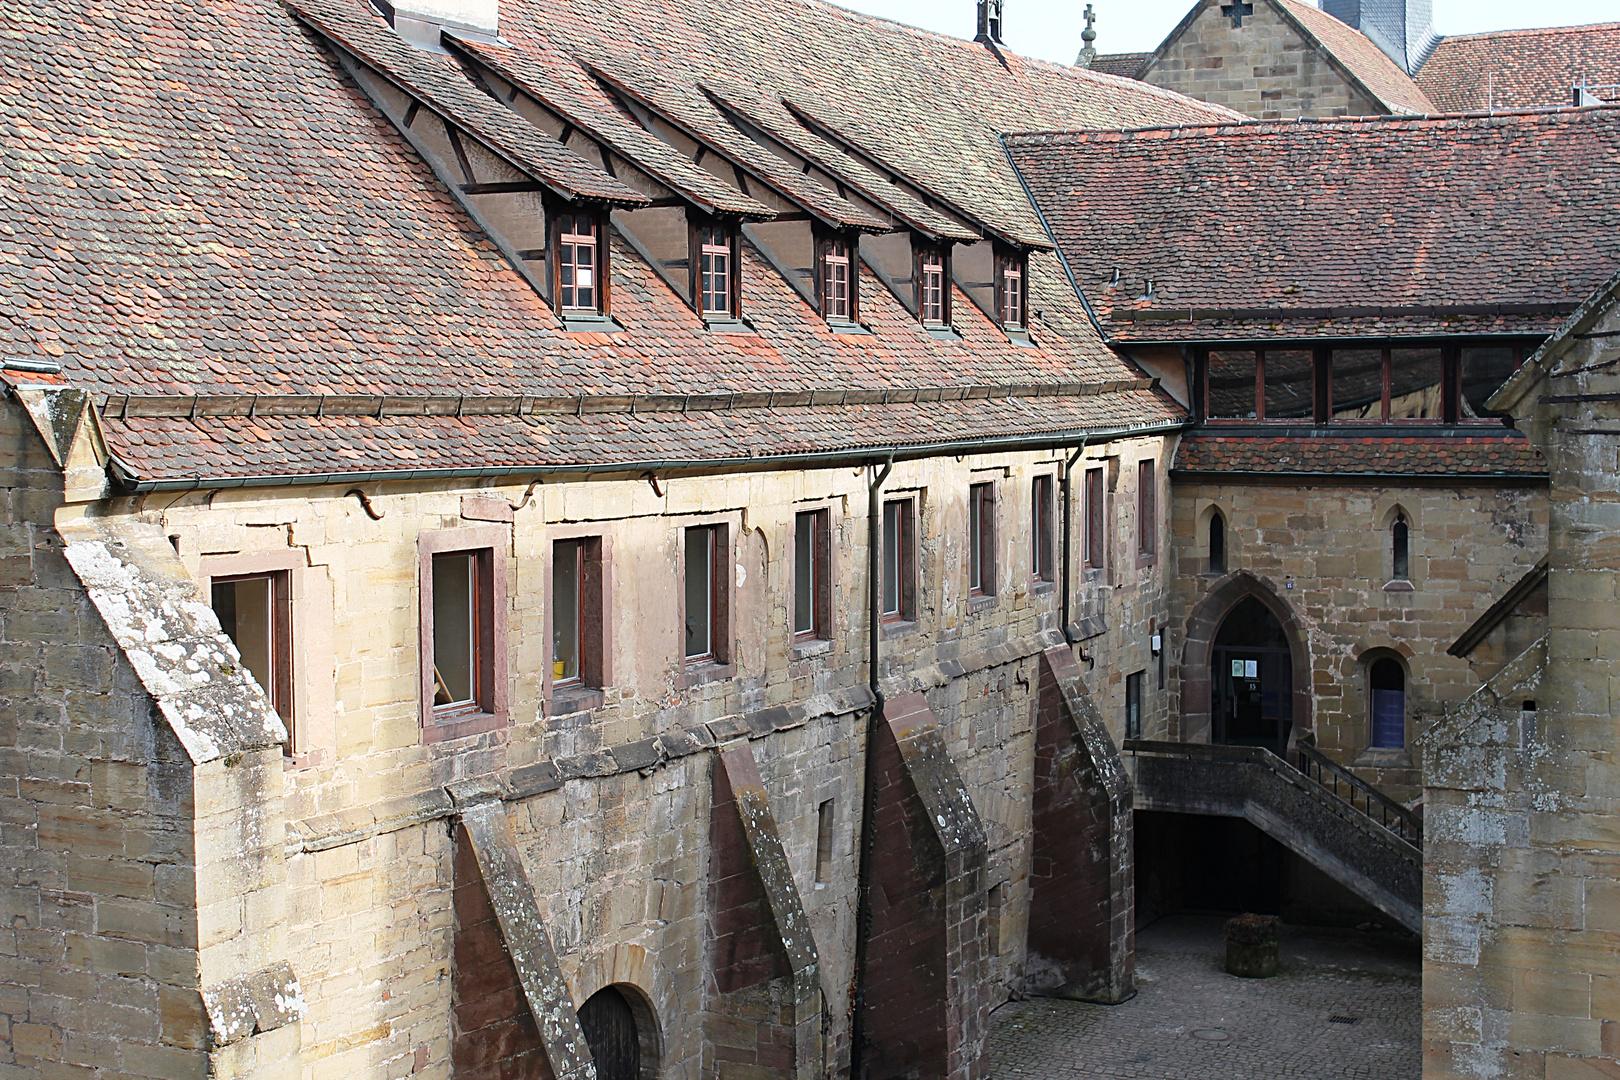 Kloster Maulbronn 3